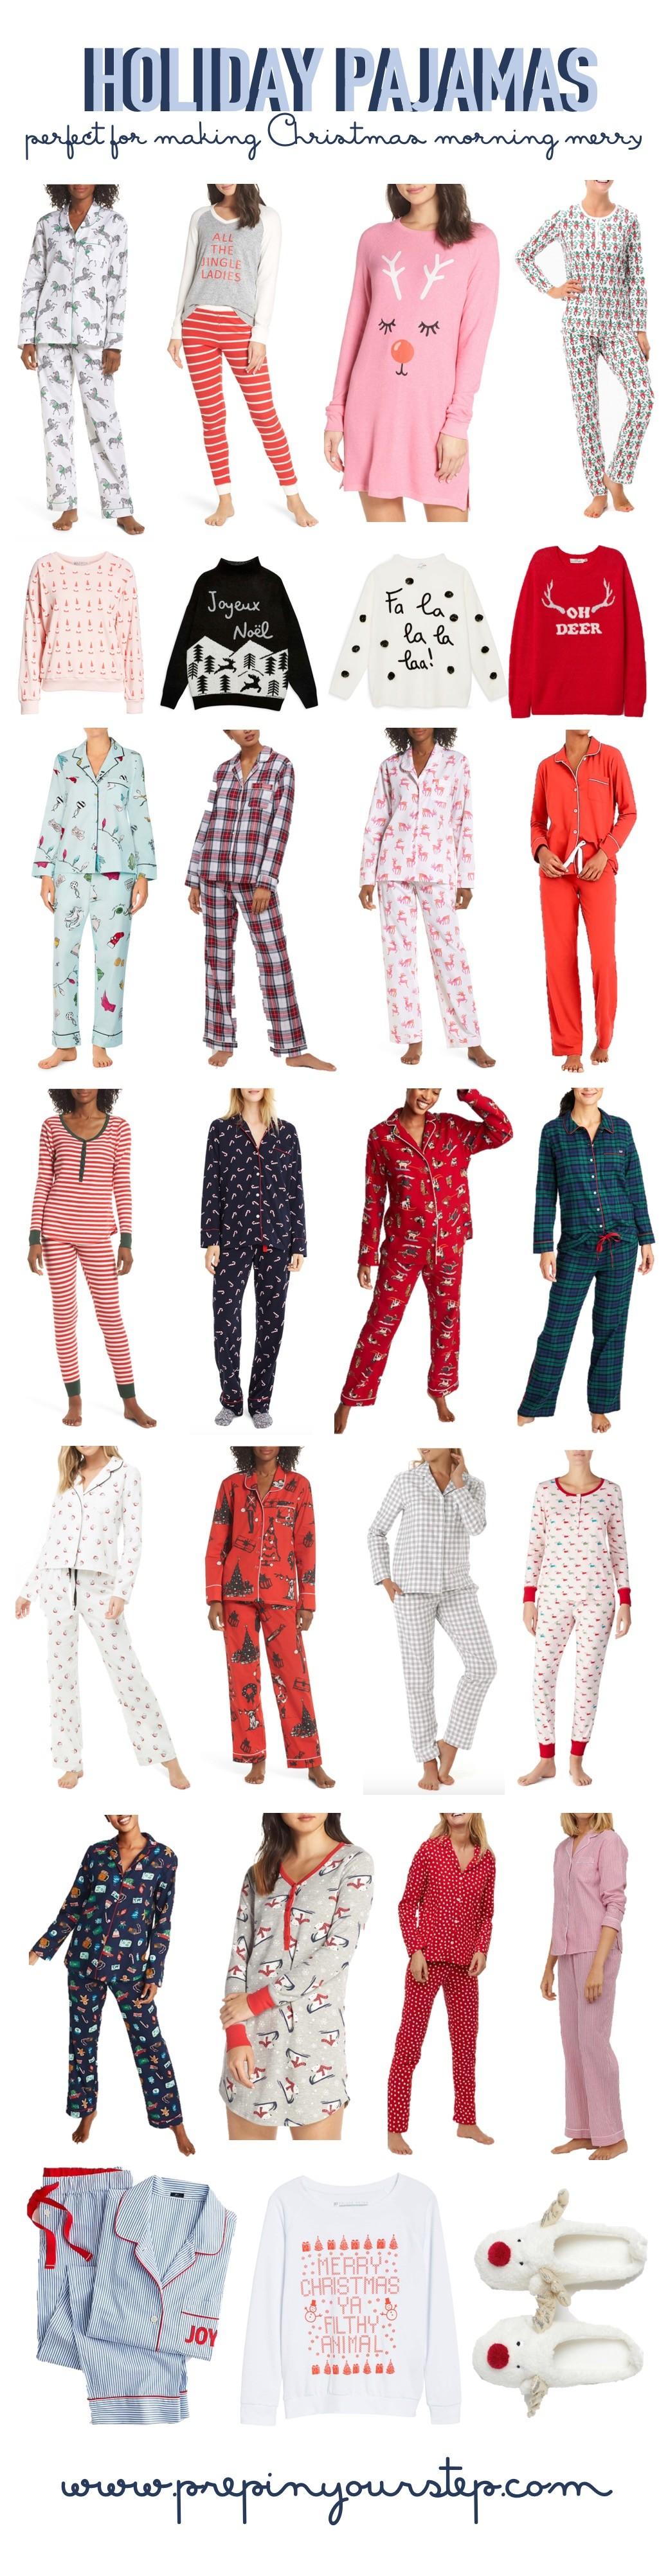 db6ab724c8 Christmas Pajamas